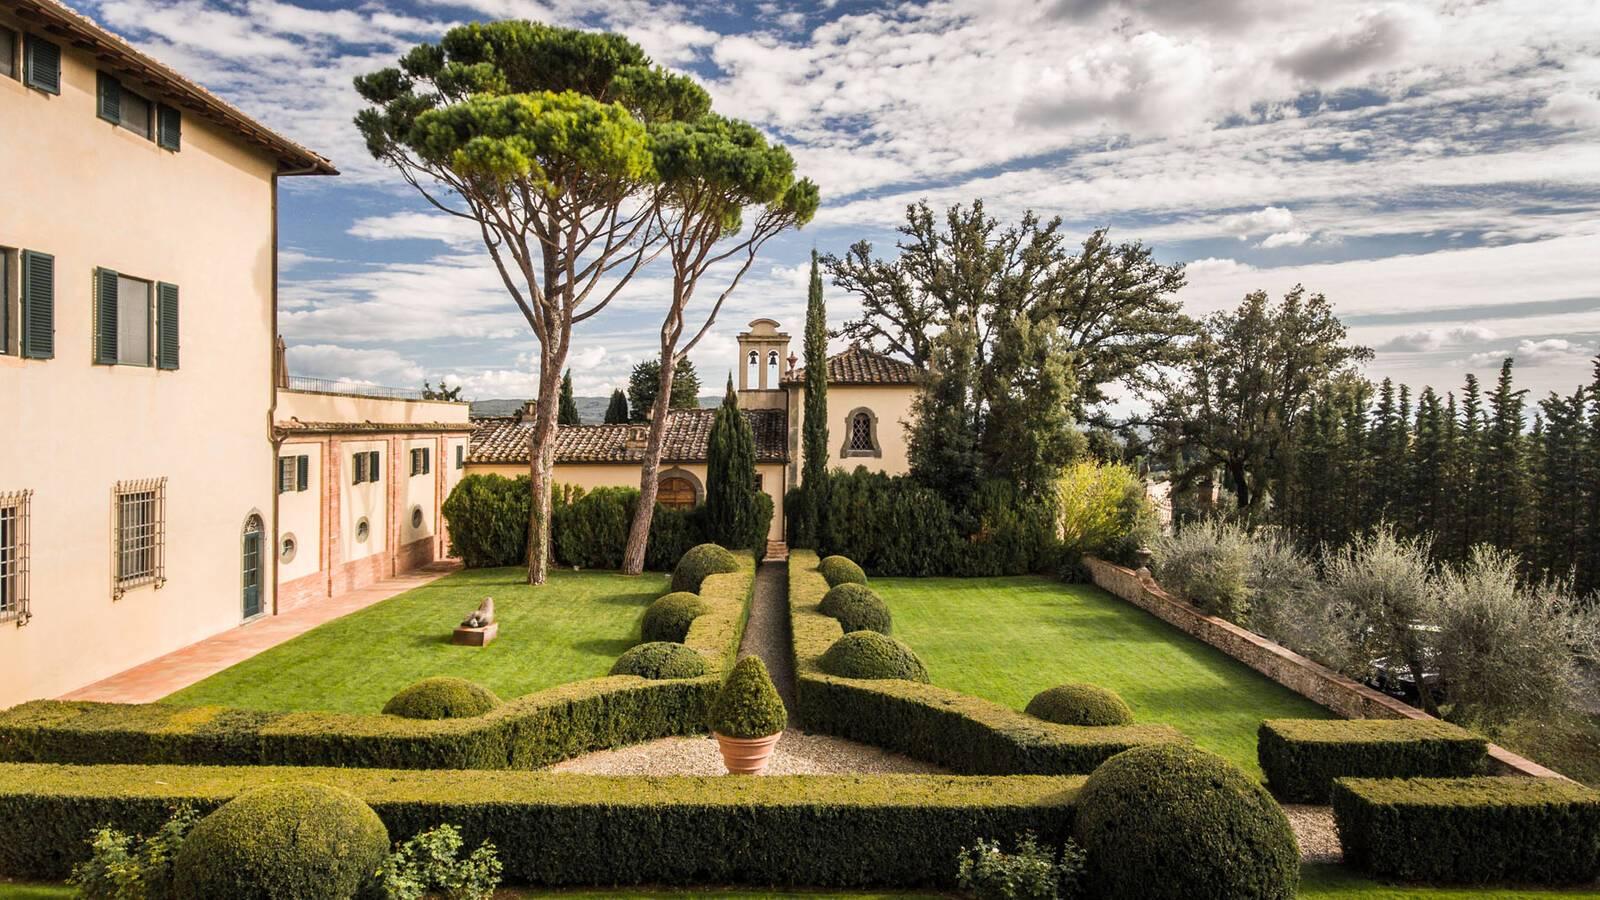 Como Castello del Nero Toscane Chapelle